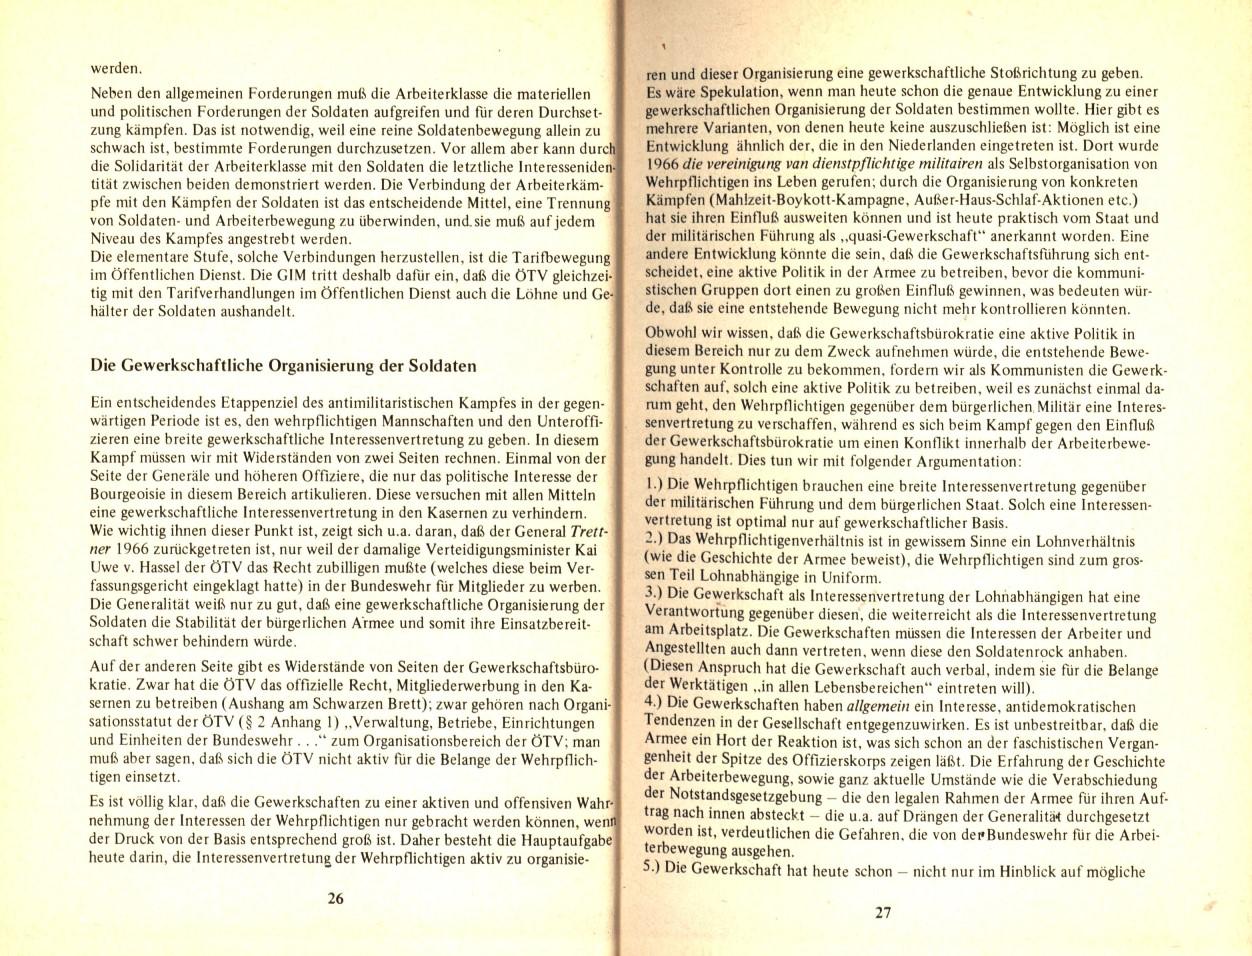 GIM_1976_Militaerpolitisches_Programm_15